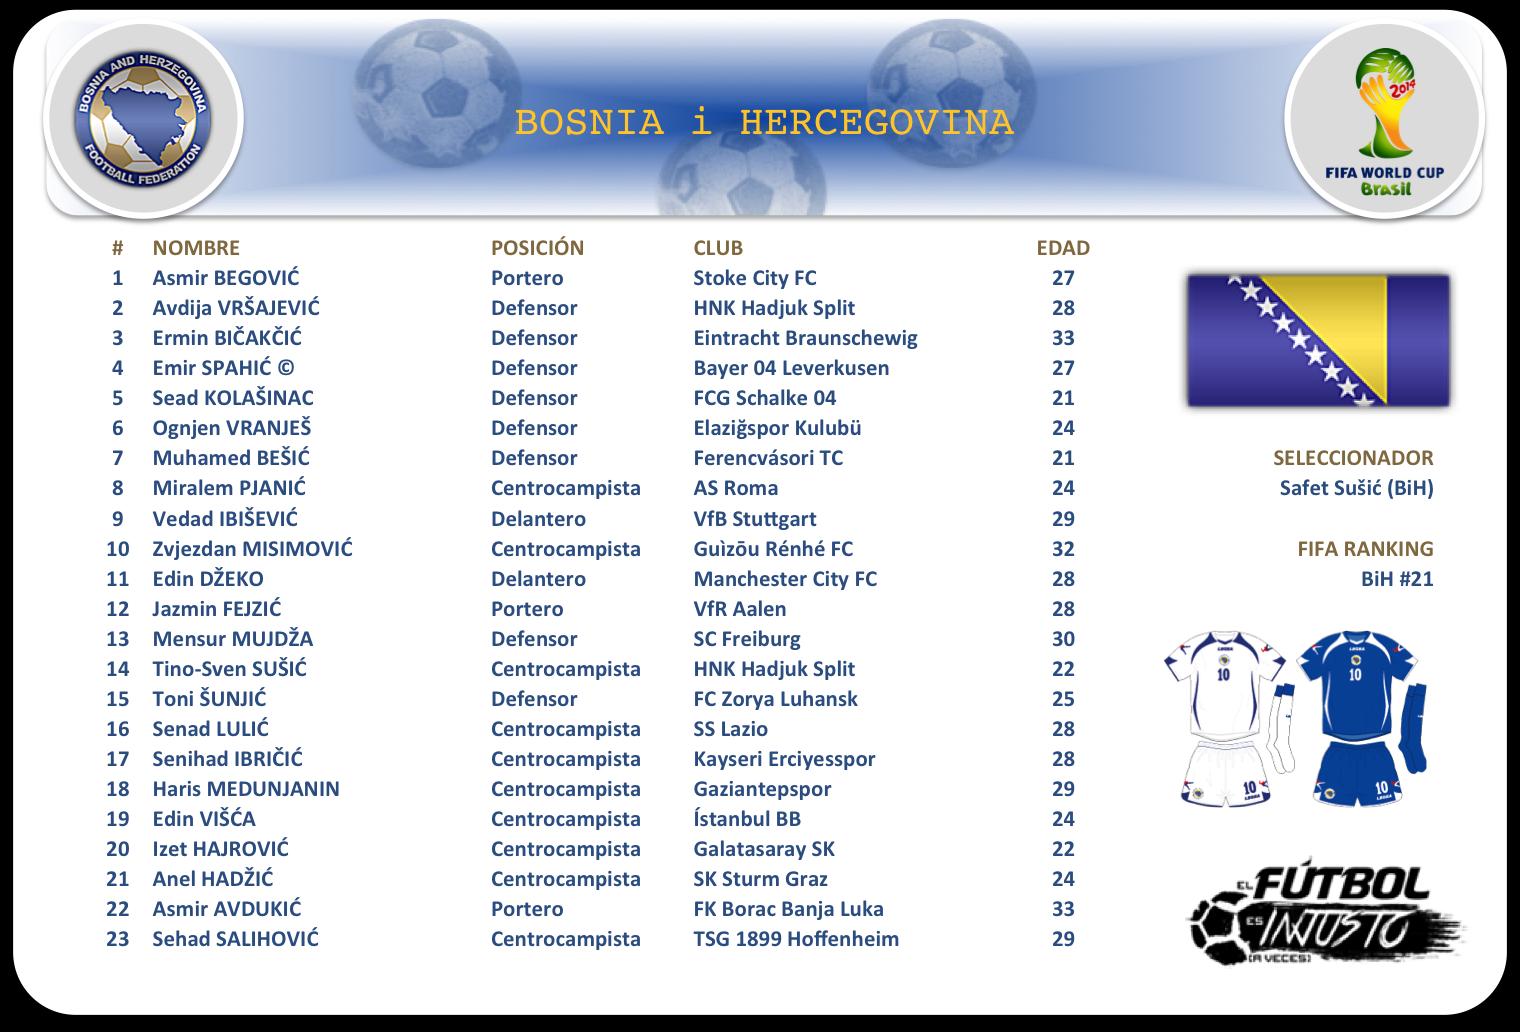 Lista de convocados de Bosnia